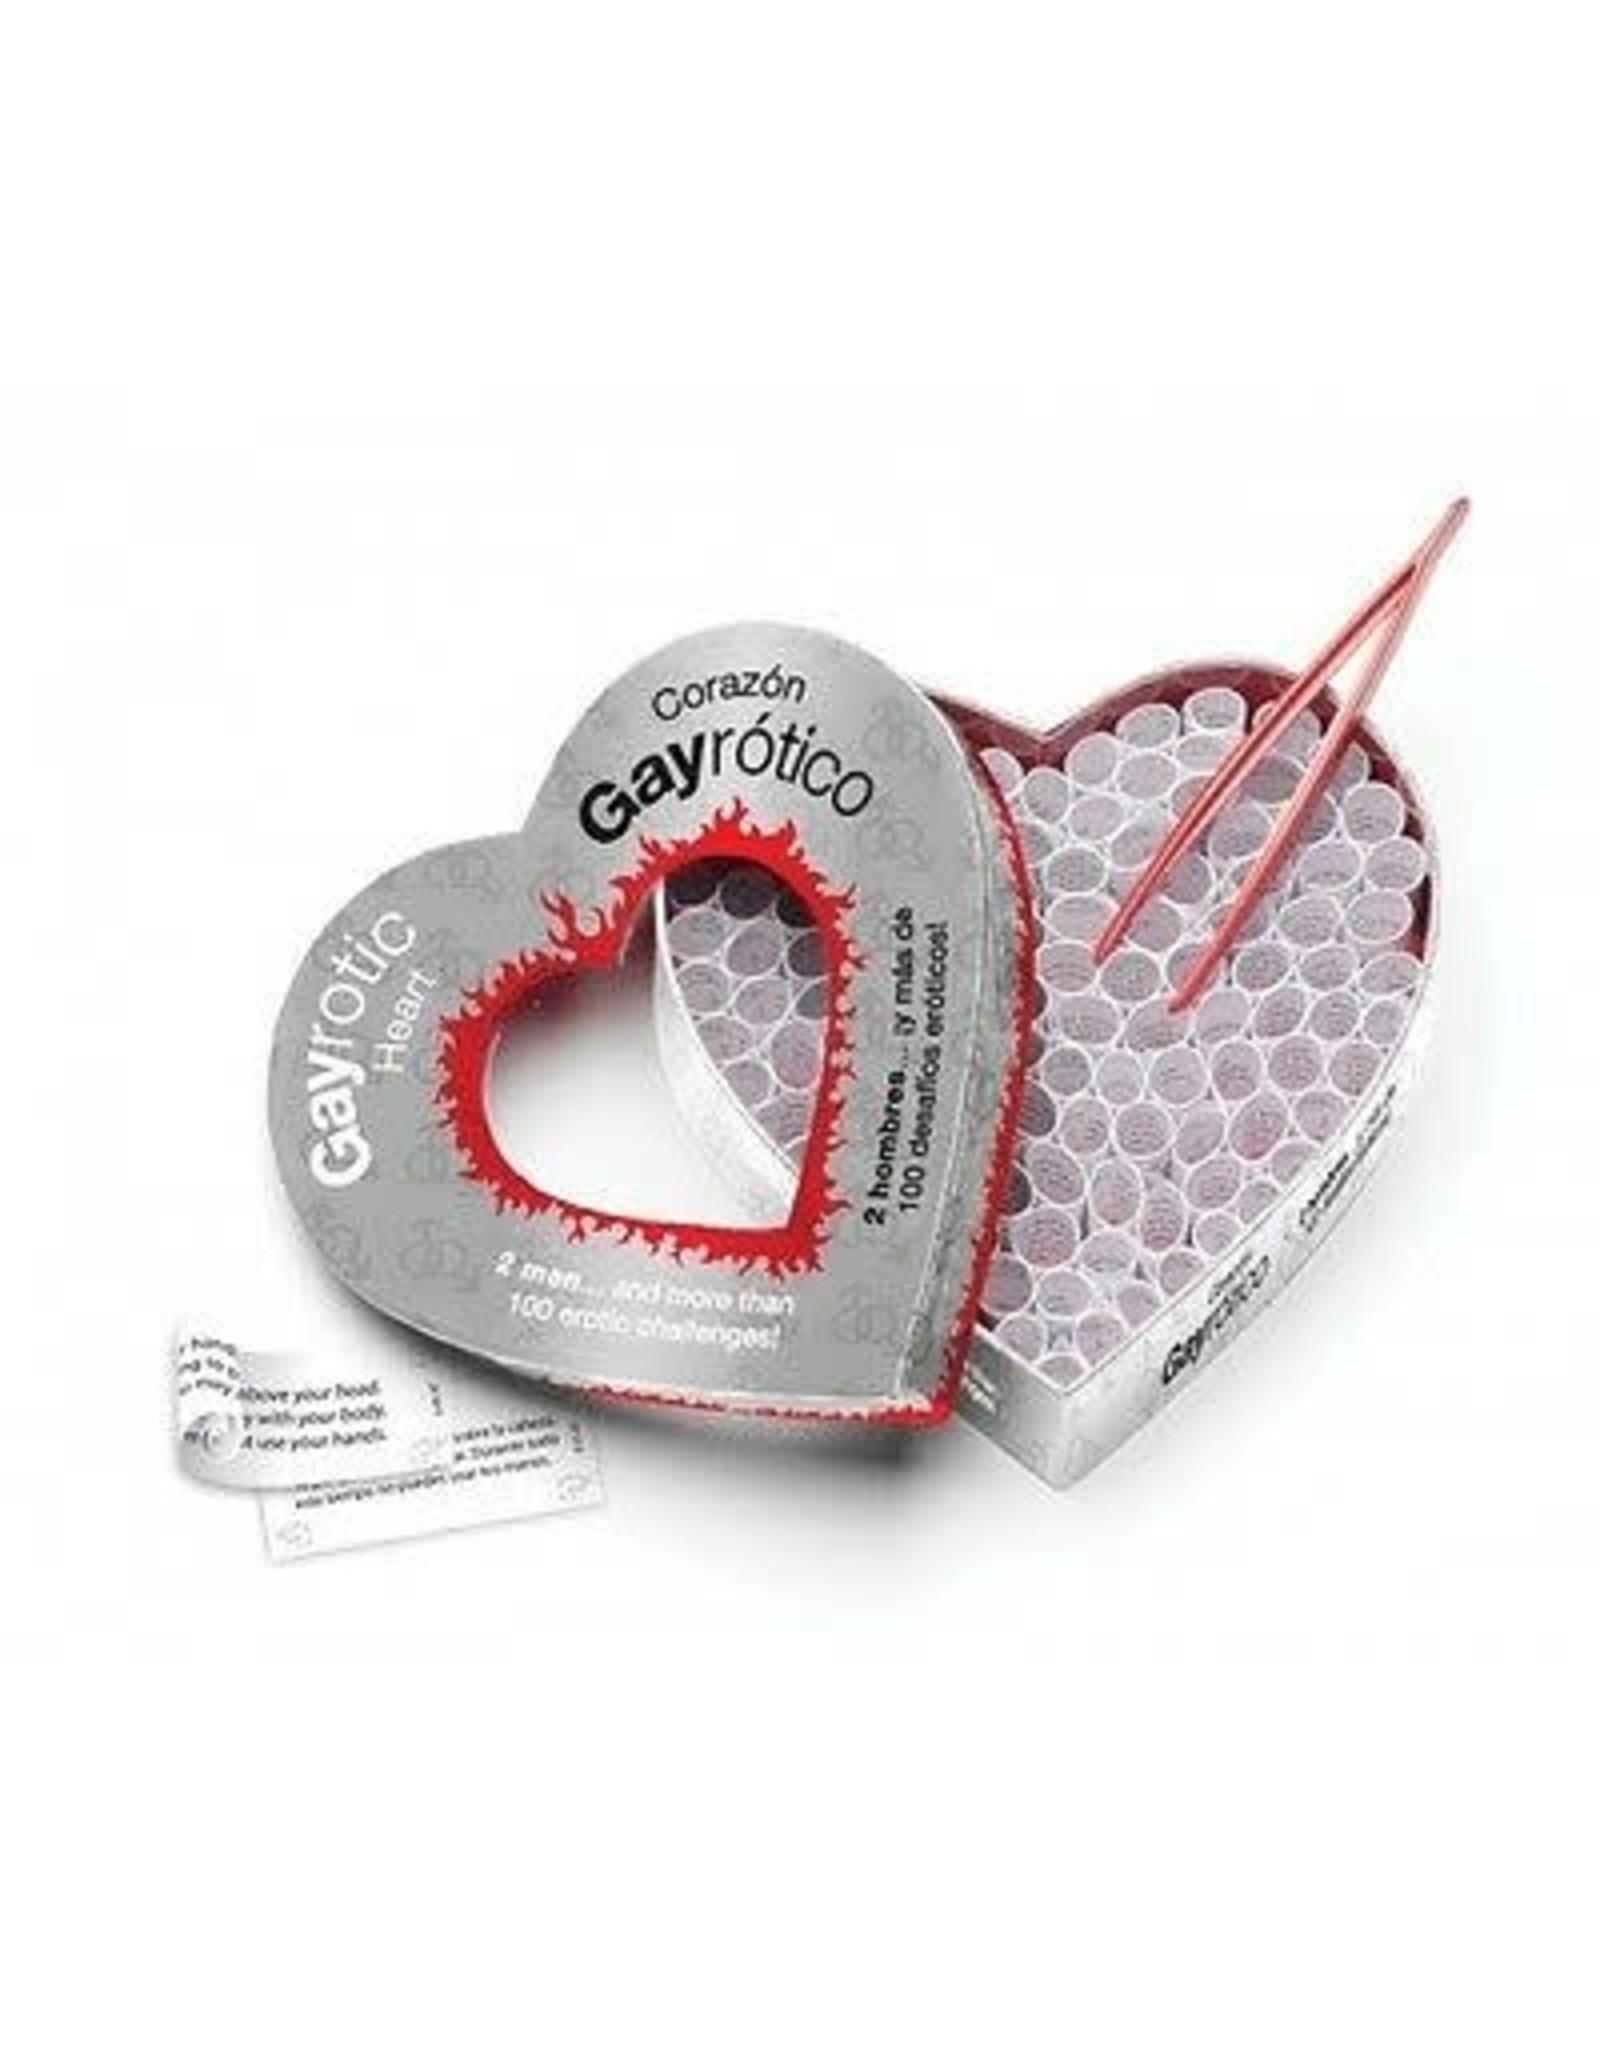 GAYROTIC HEART GAME